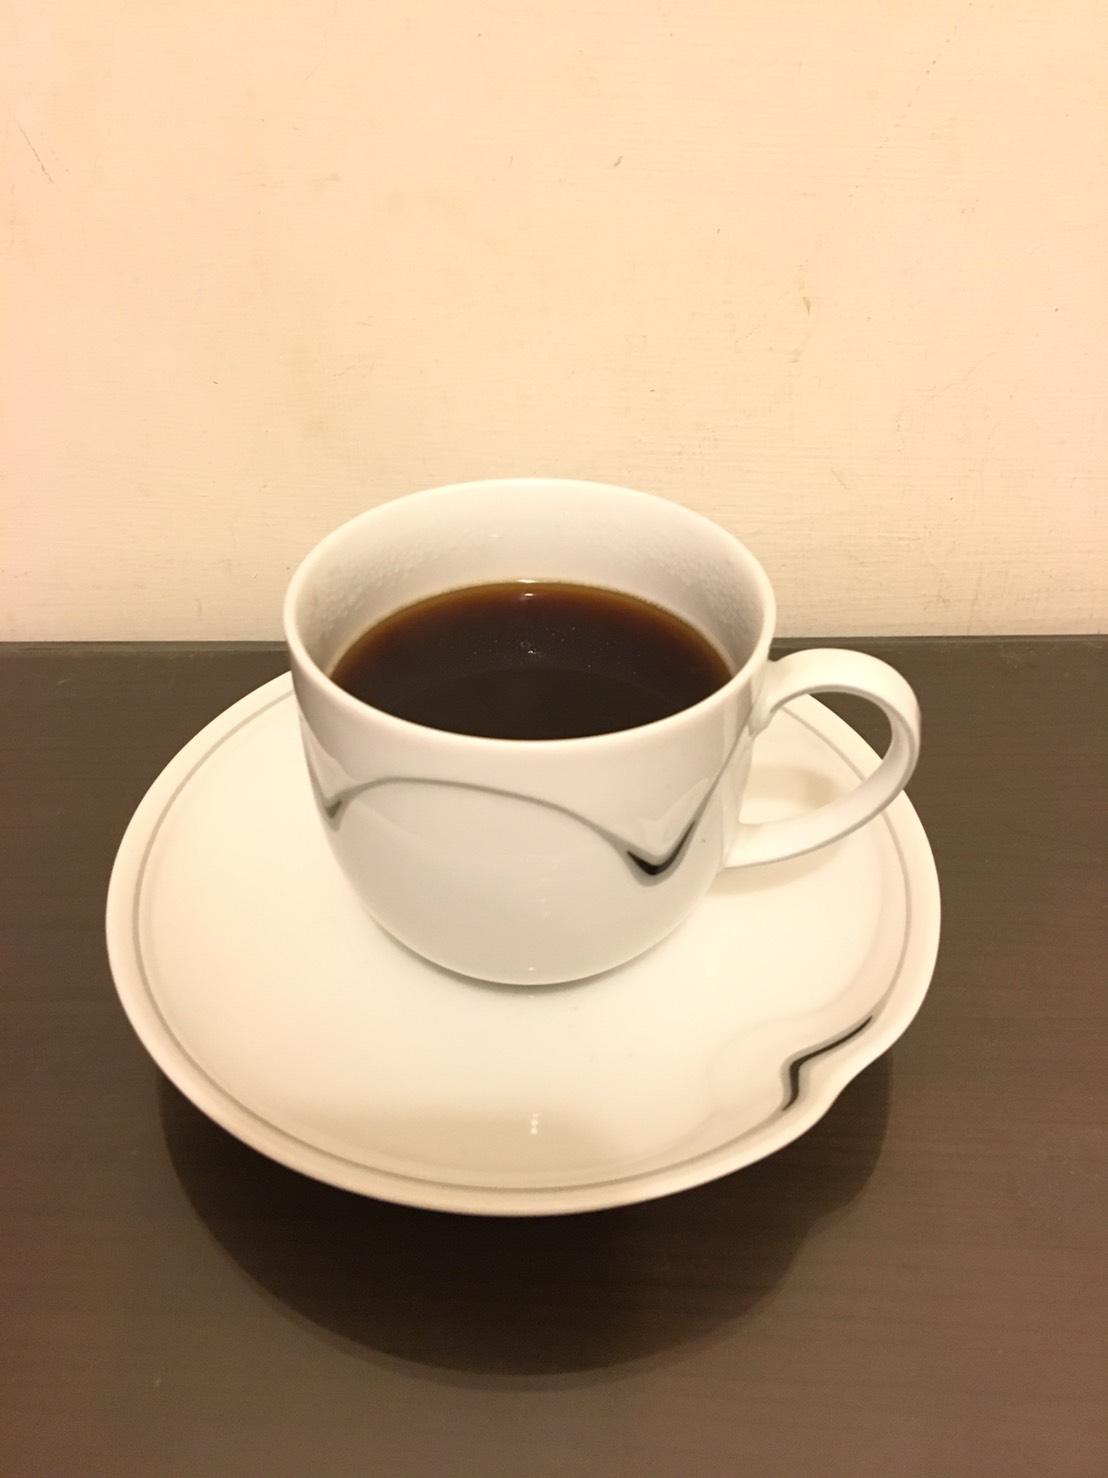 每一種咖啡都有各自風味,細細品嘗才能嚐出其特別之處。 攝影/李玟逸